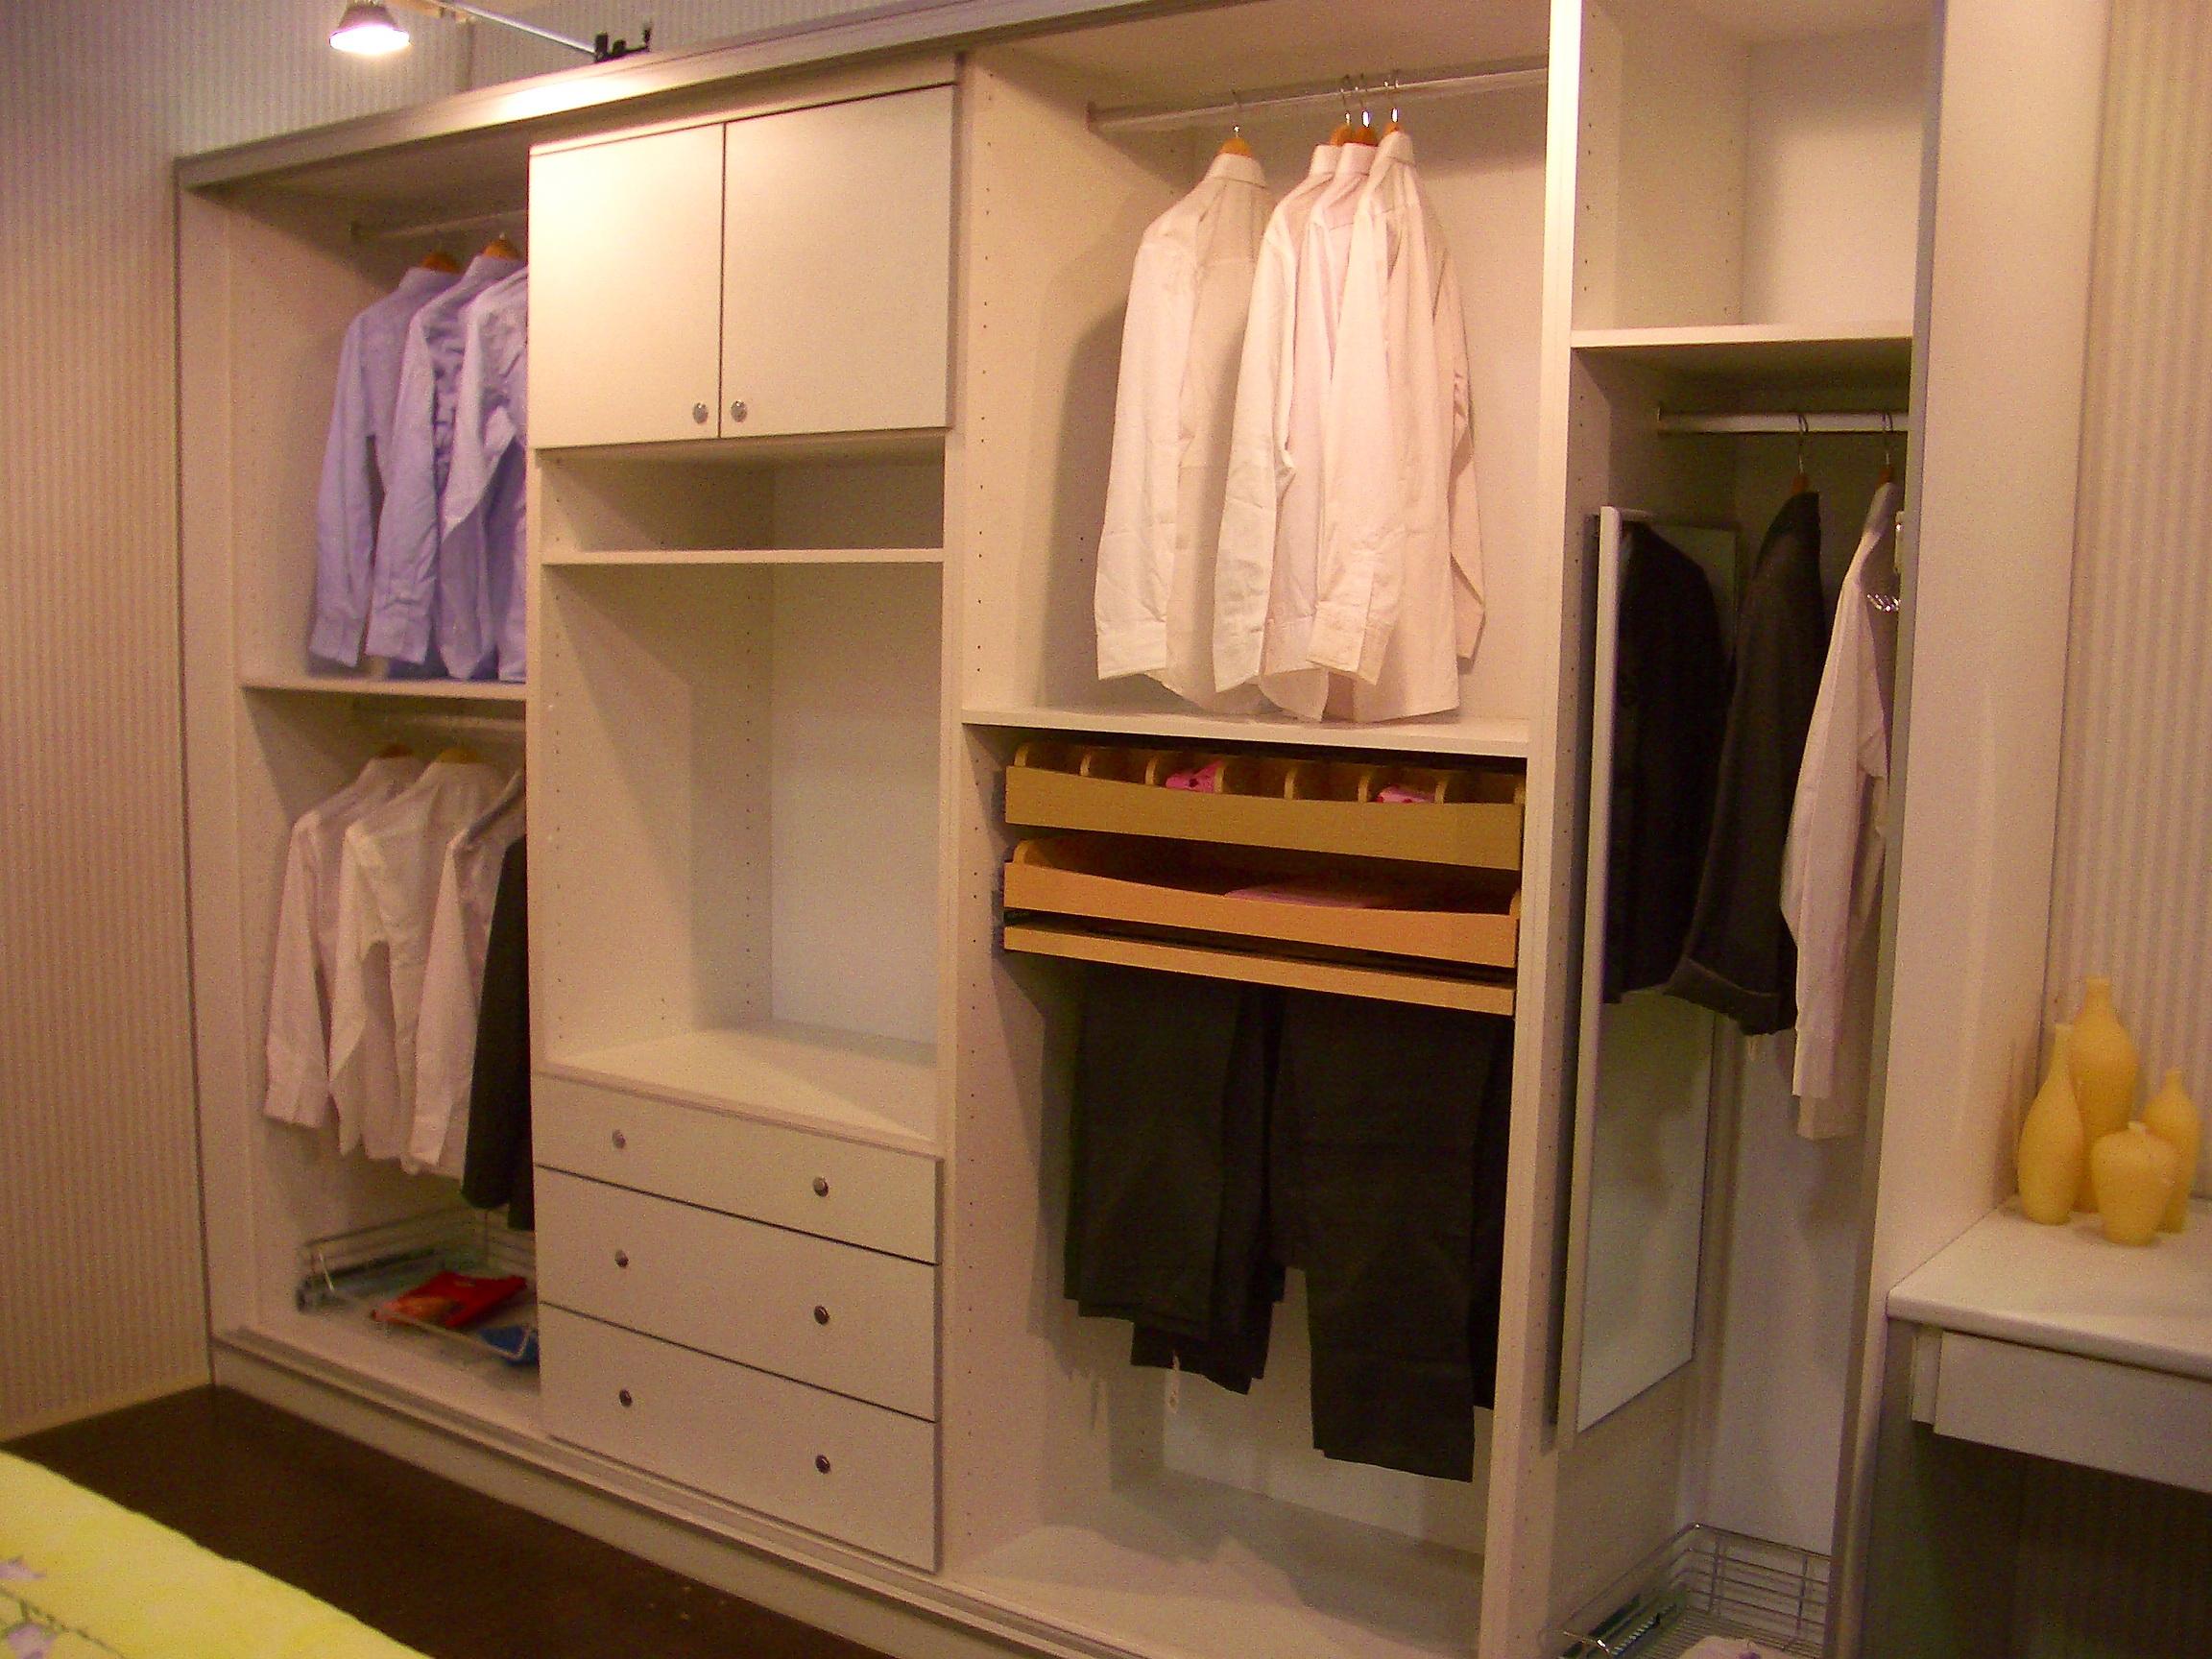 衣橱 , 衣柜 , 更衣间